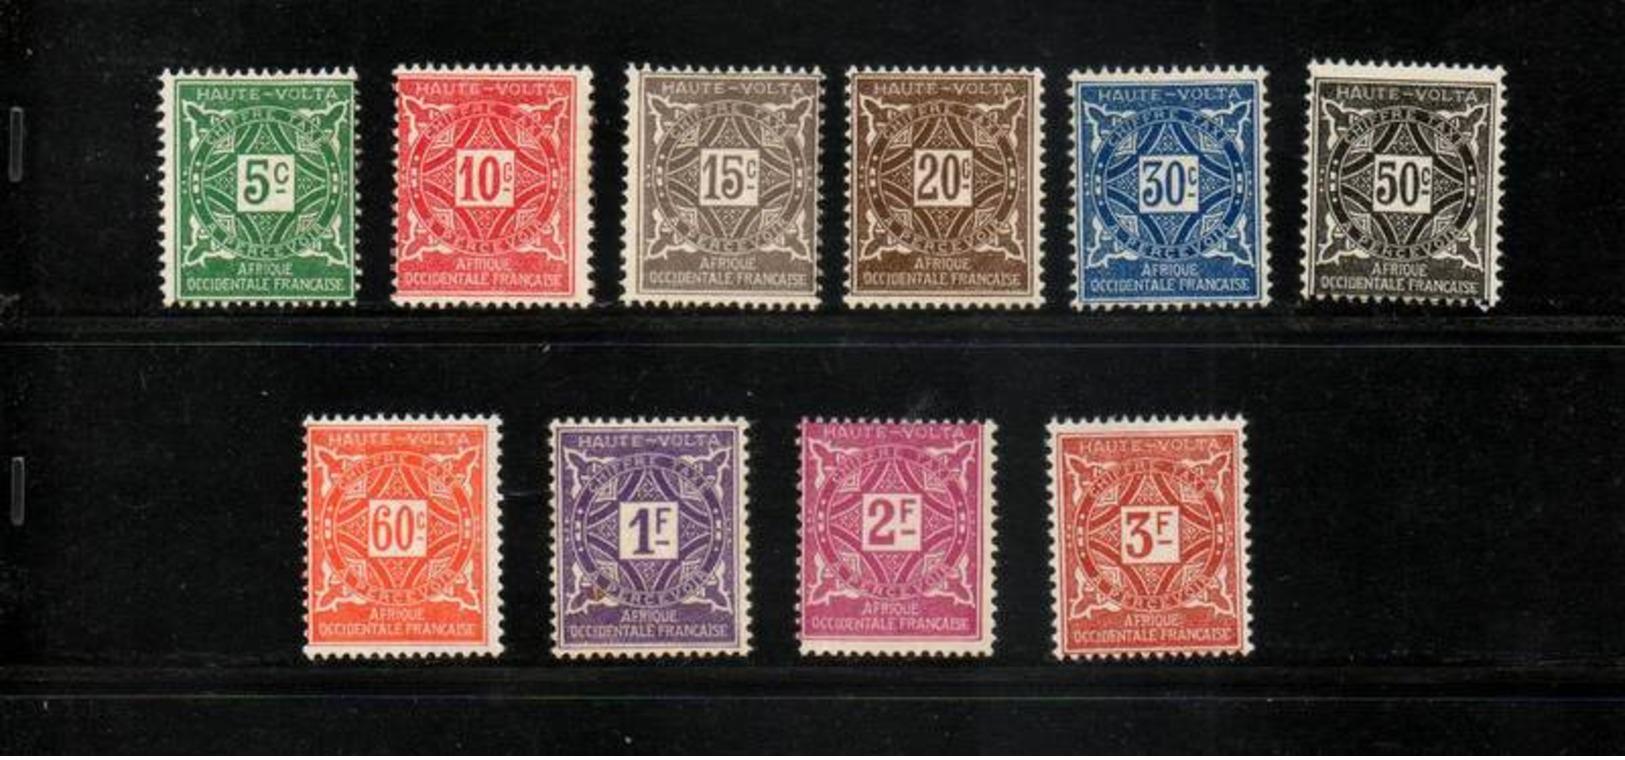 HAUTE VOLTA    NEUF Sans Charnière  N°  11 à 20      N**  1928    S/C   Cte:  71,50  € - Portomarken